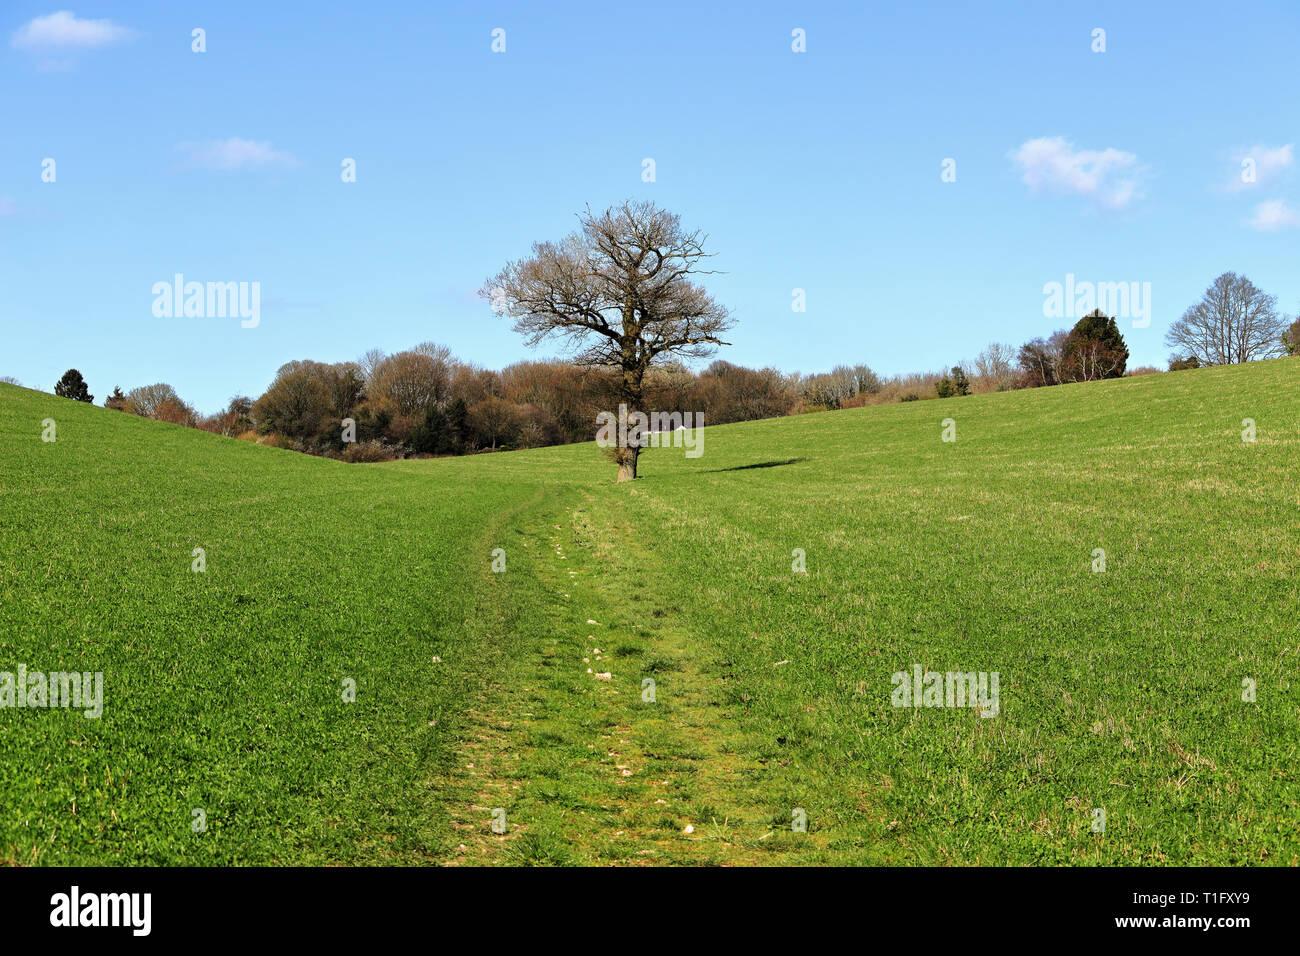 Un paisaje rural inglés con la vía a través de un campo de cultivo en las colinas de Chiltern con solitario árbol Foto de stock